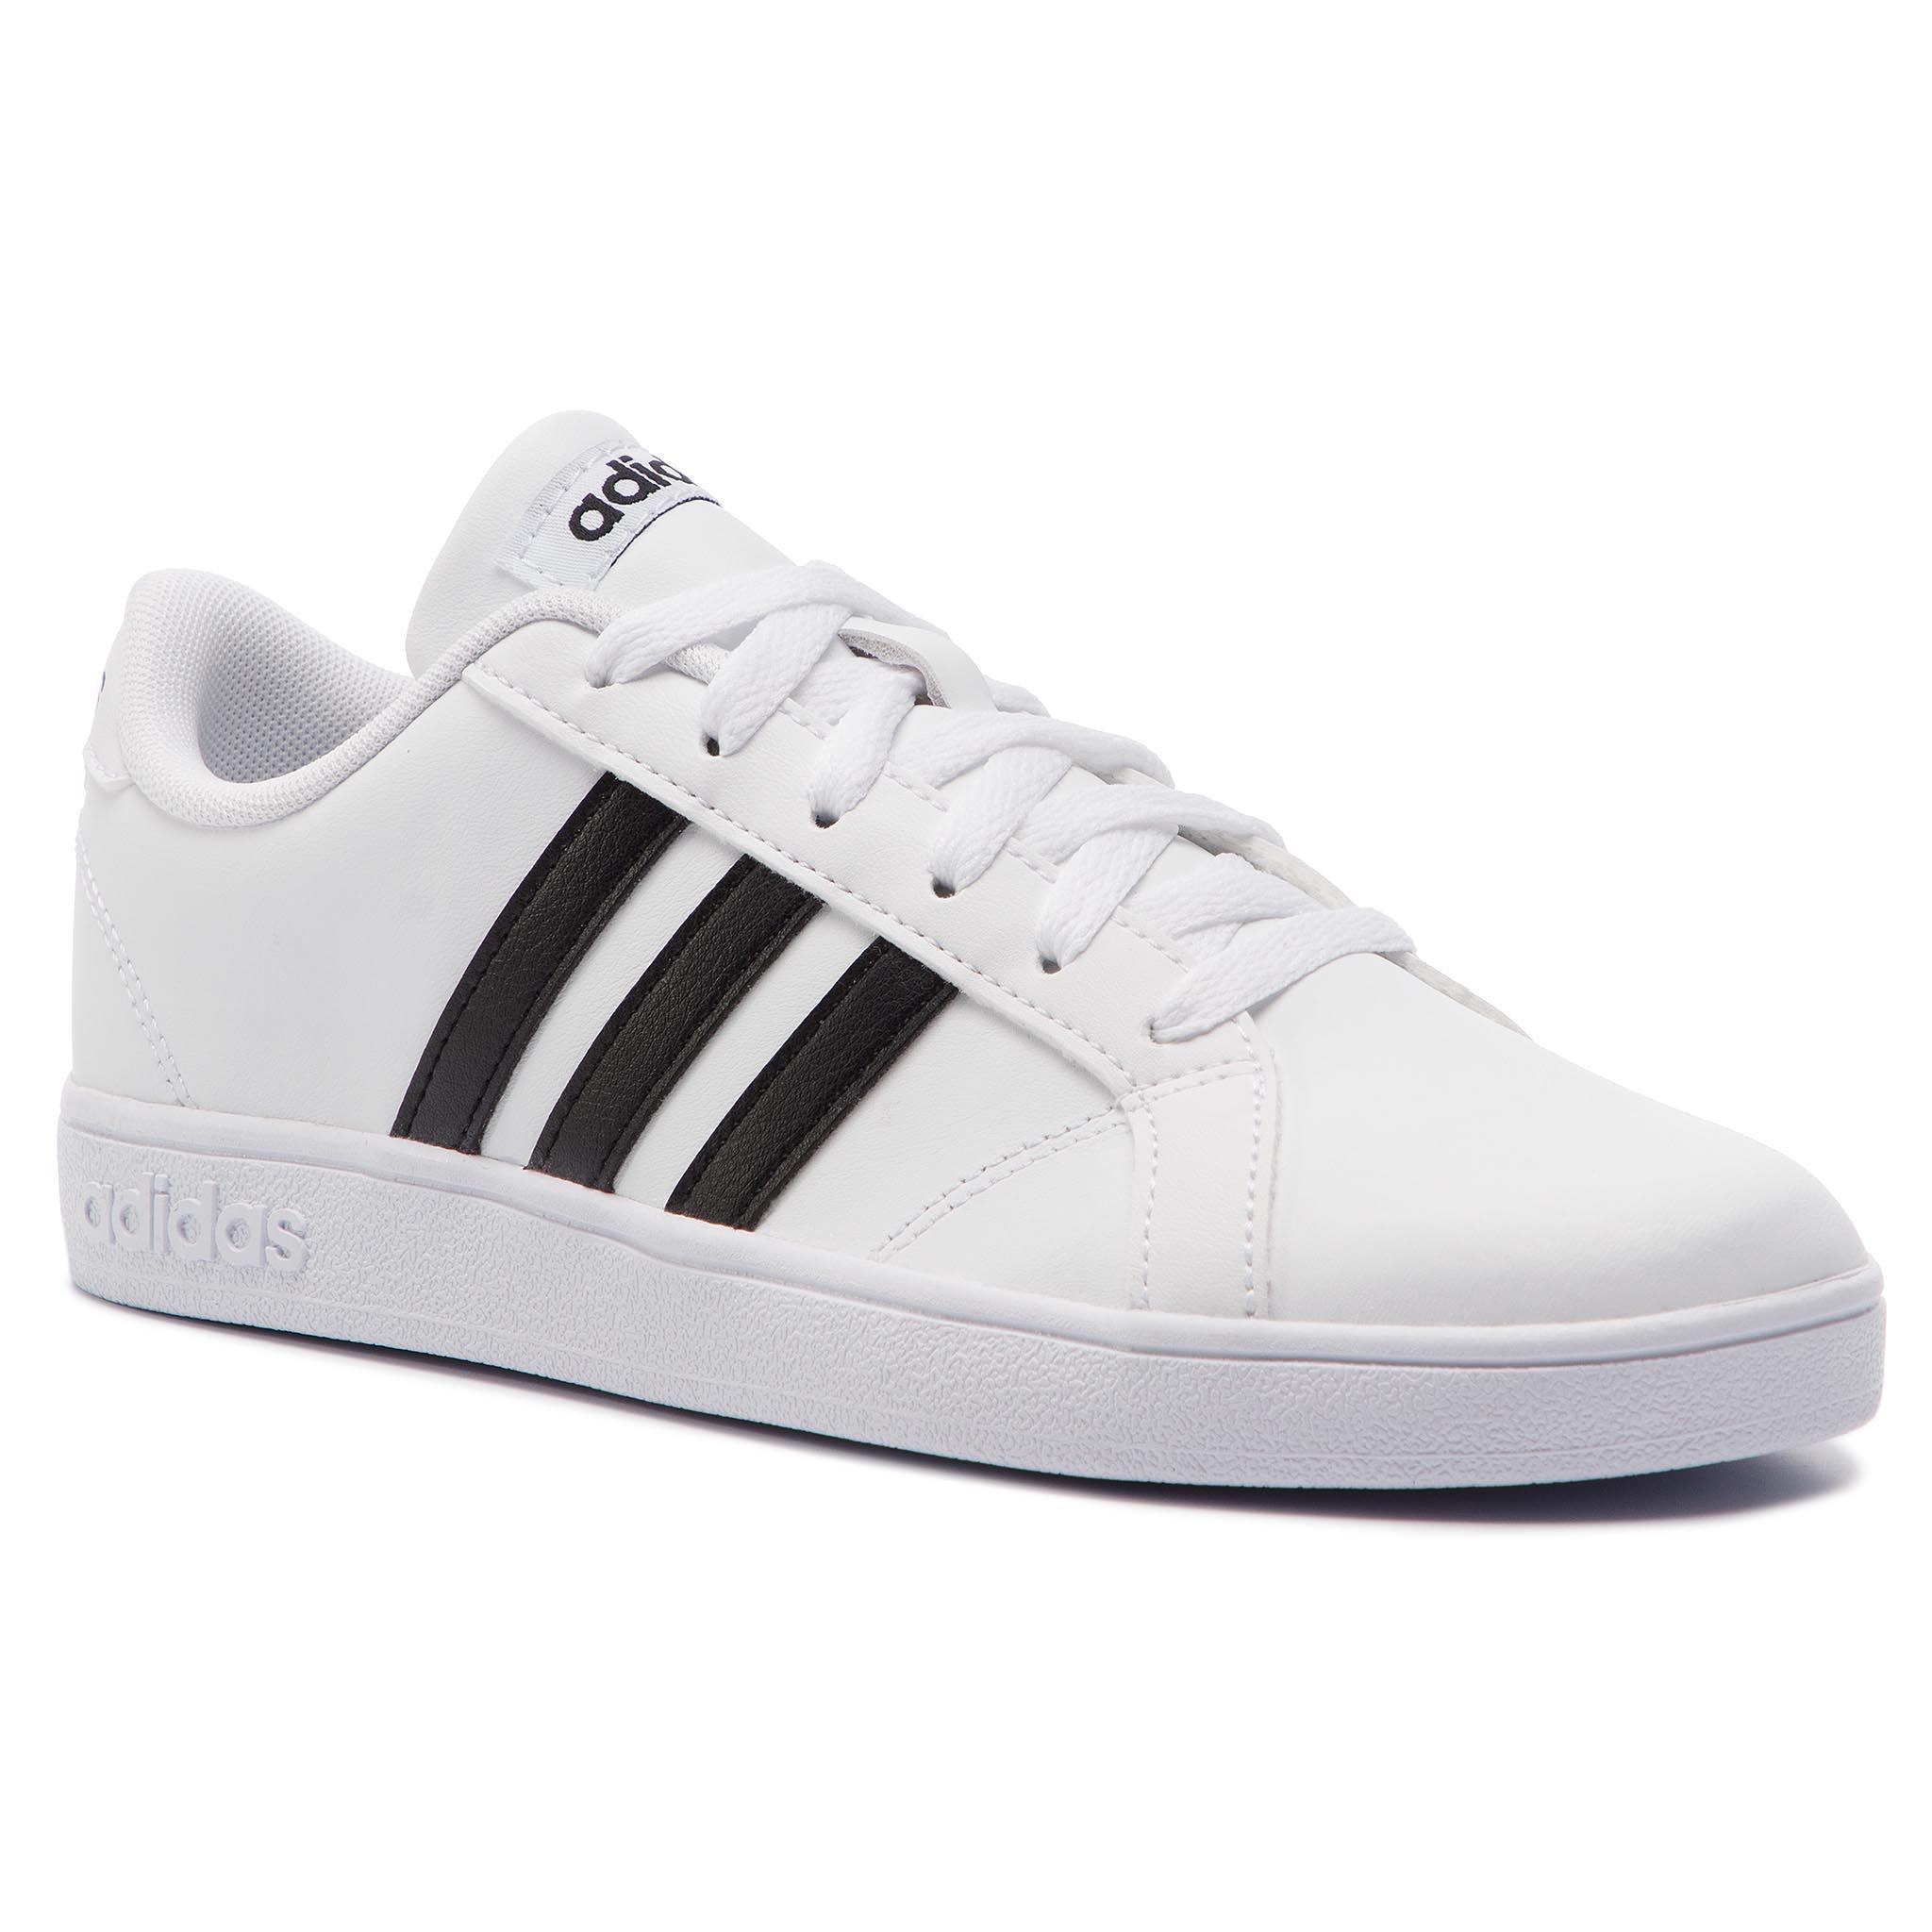 1b1f1de4cff04 Obuwie sportowe Adidas AW4299 BASELINE K Biały Dziecięce - Dziewczęce -  Sportowe - https://ccc.eu